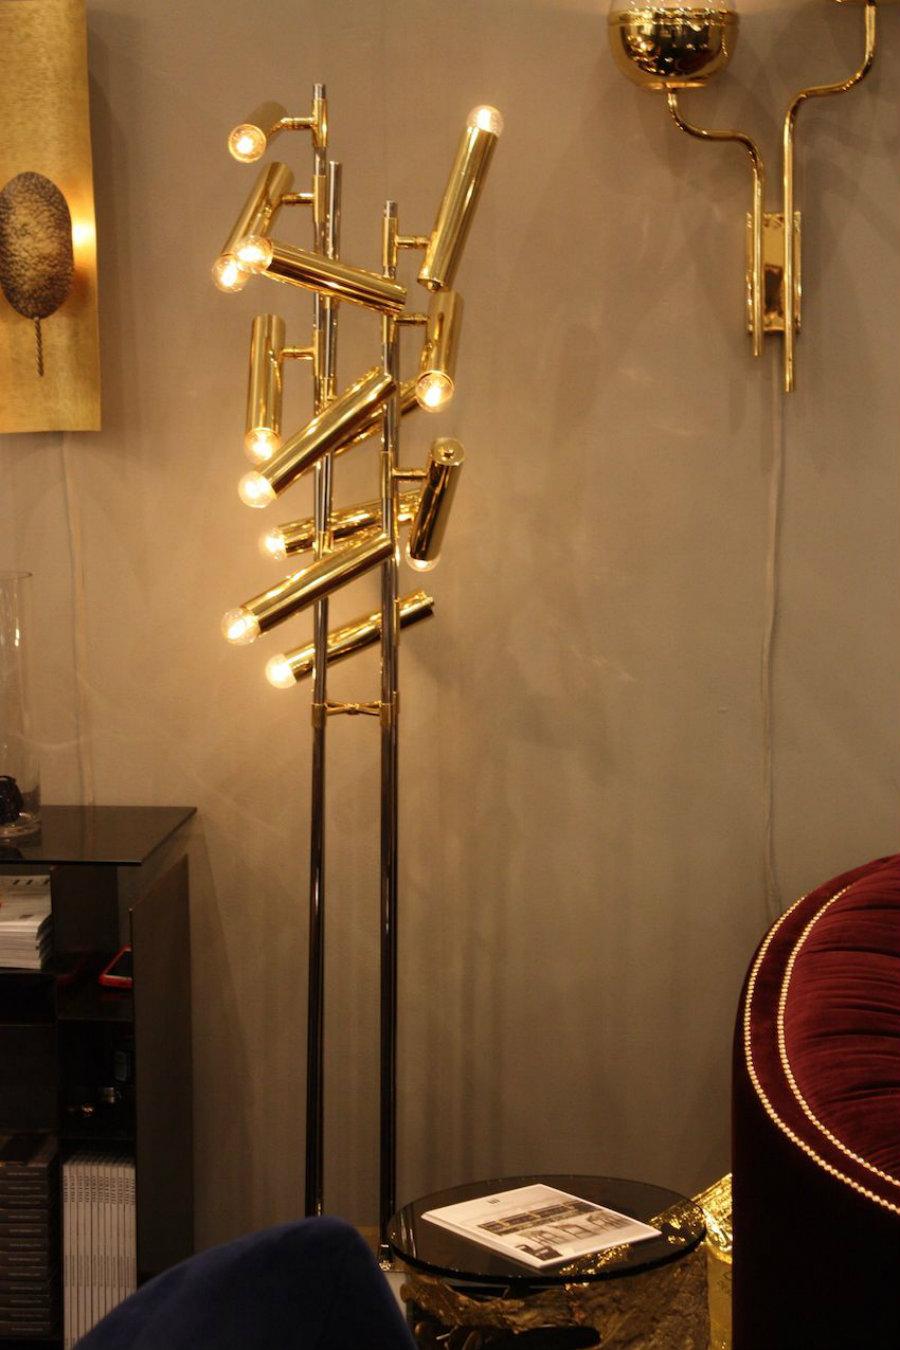 5 Floor Modern Lighting Ideas You Must Have modern lighting Floor Modern Lighting Ideas You Must Have Cypres floor lamp is by Brabbu